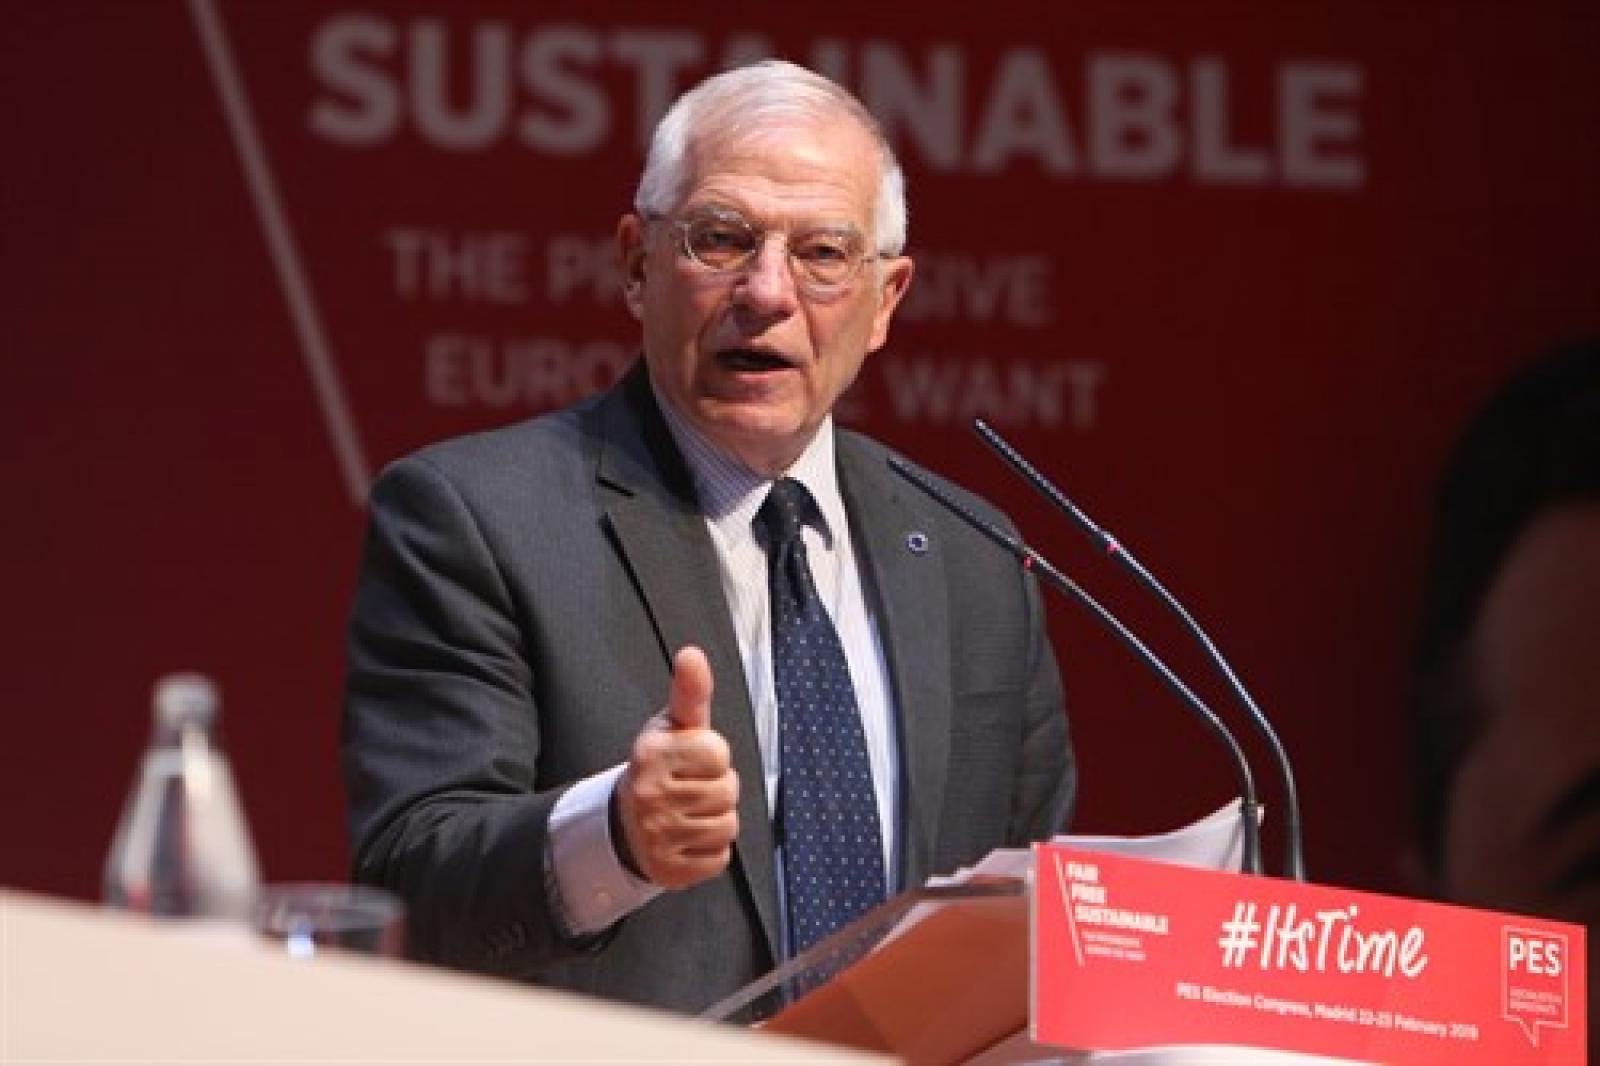 Josep Borrell sona per encapçalar el PSOE el 28-A